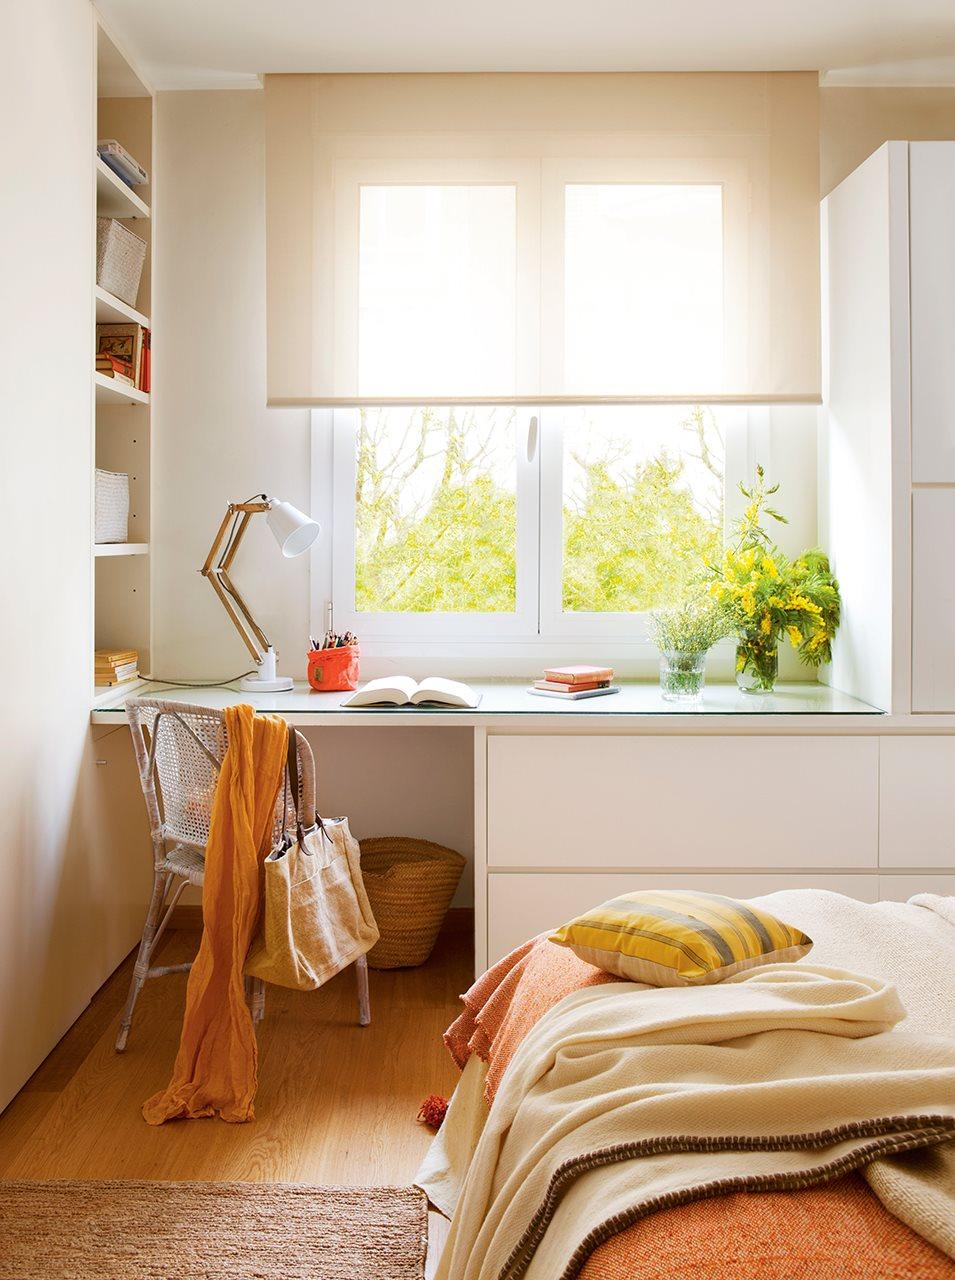 Elegir cortinas y acertar telas medidas y materiales - Cortinas dormitorio juvenil ...